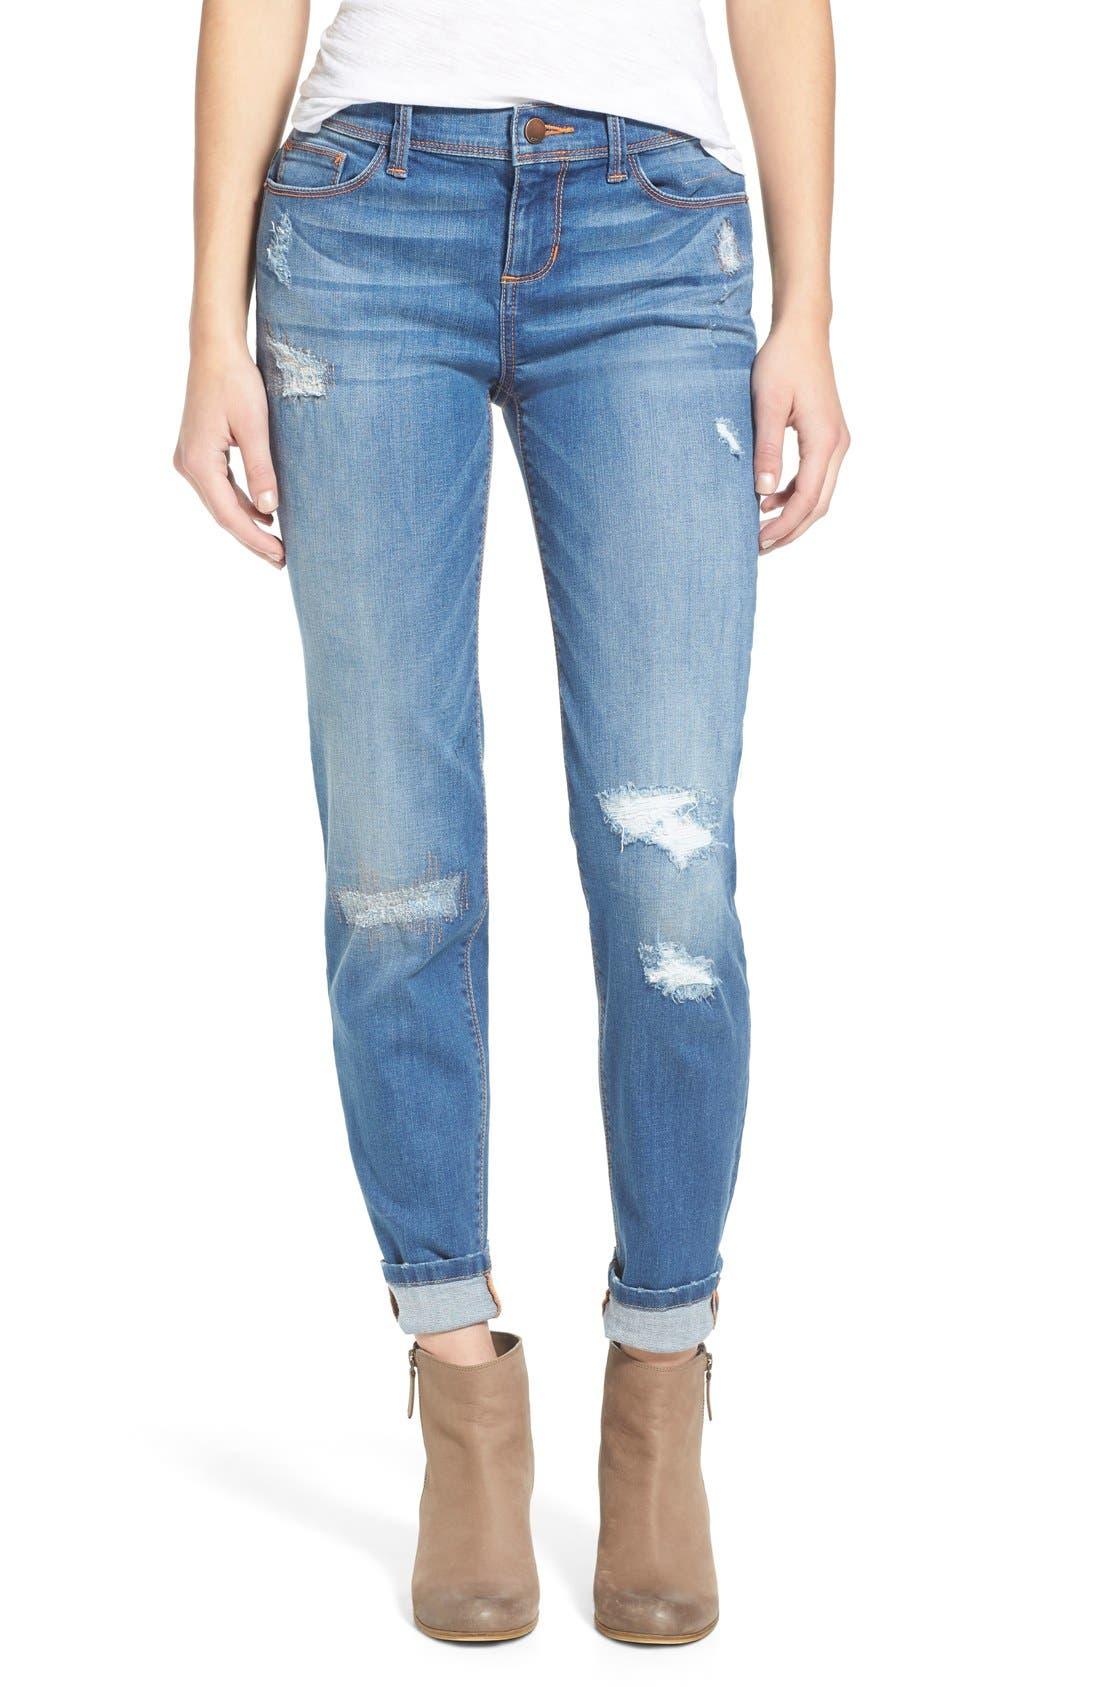 Alternate Image 1 Selected - SP Black Rip & Repair Skinny Jeans (Light Wash)